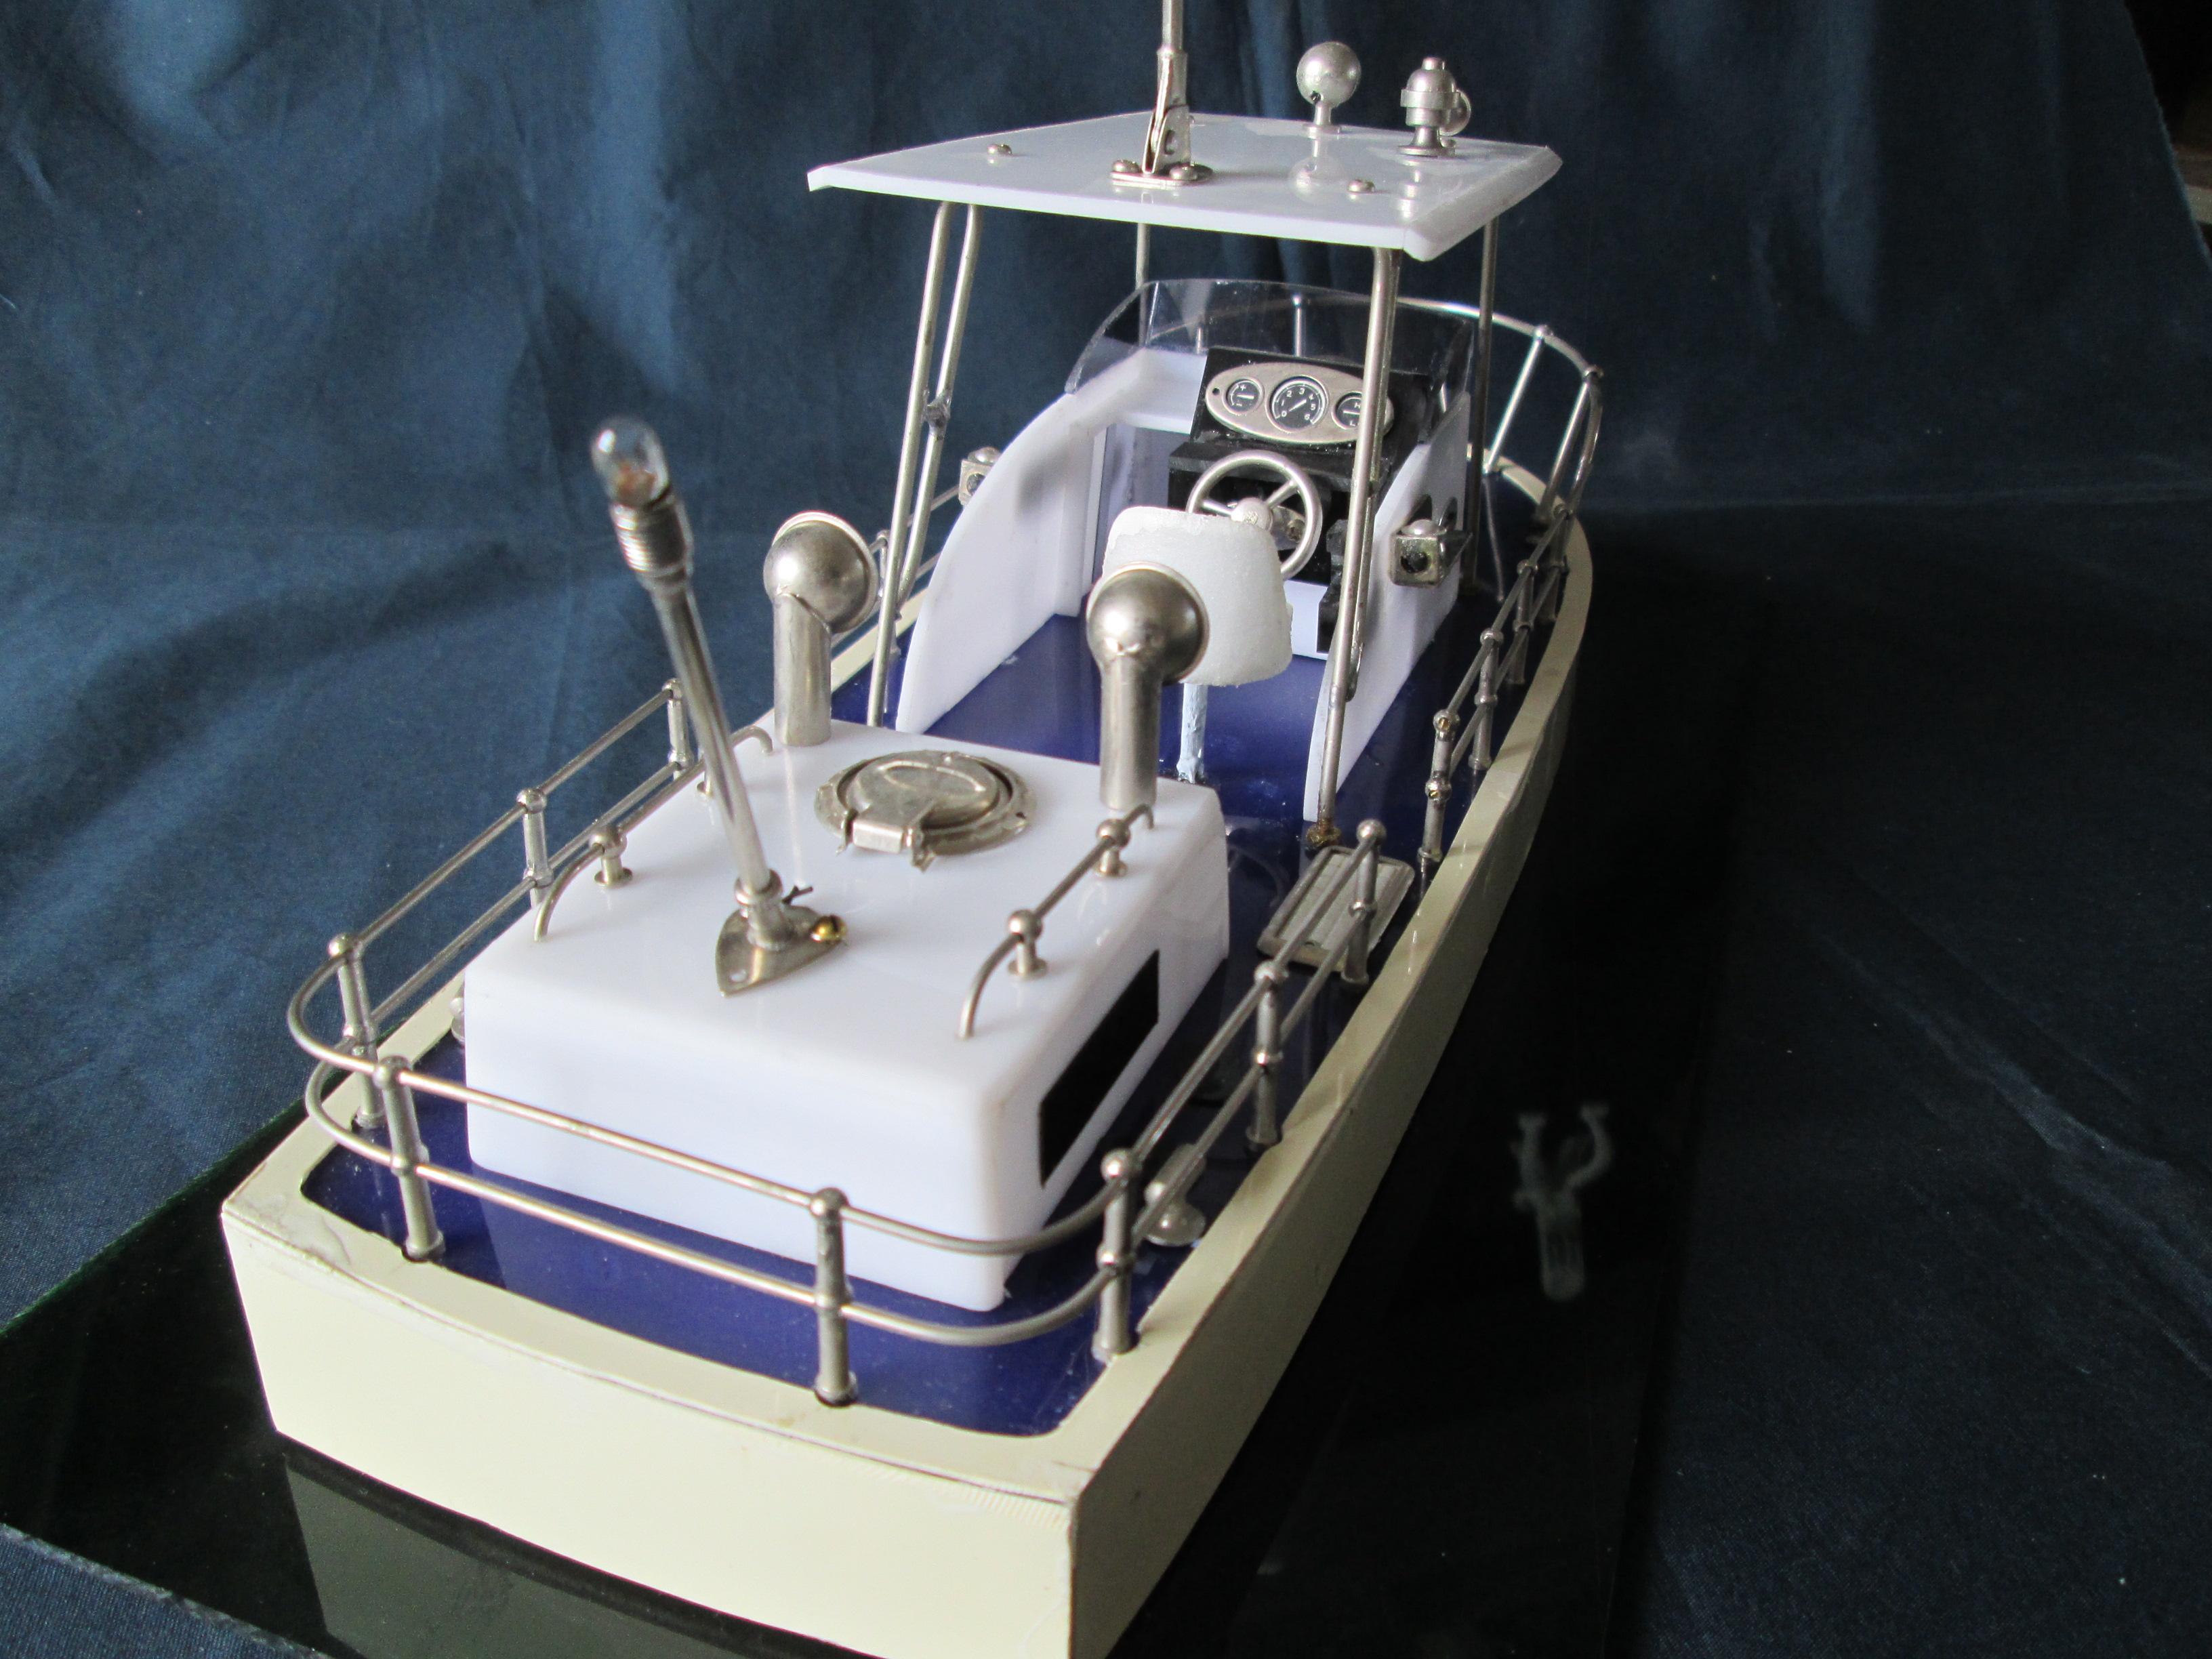 船用アクセサリの使用例 その2